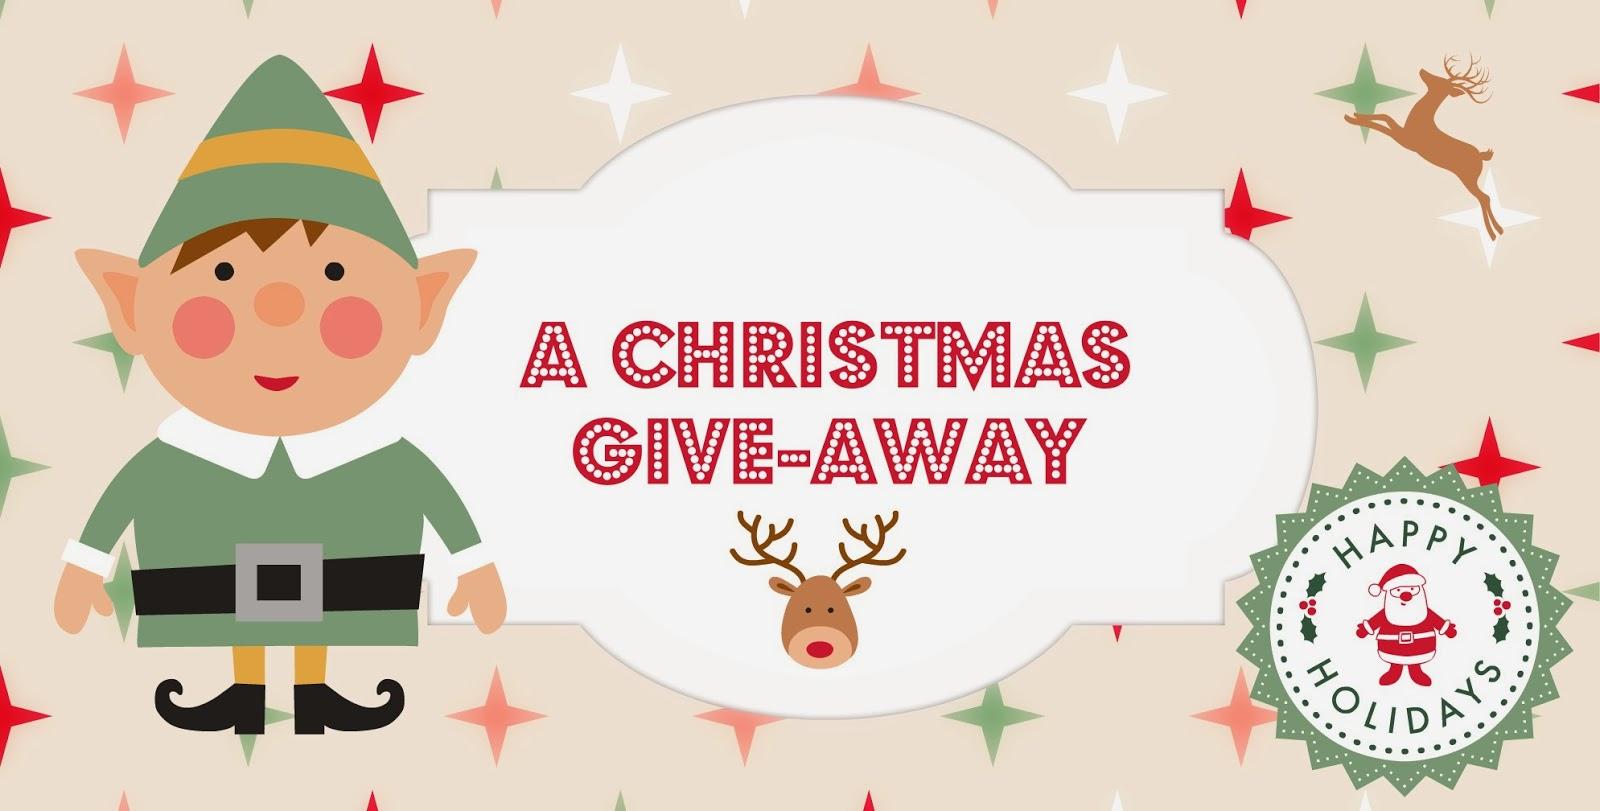 Christi's Big Holiday Give-Away!